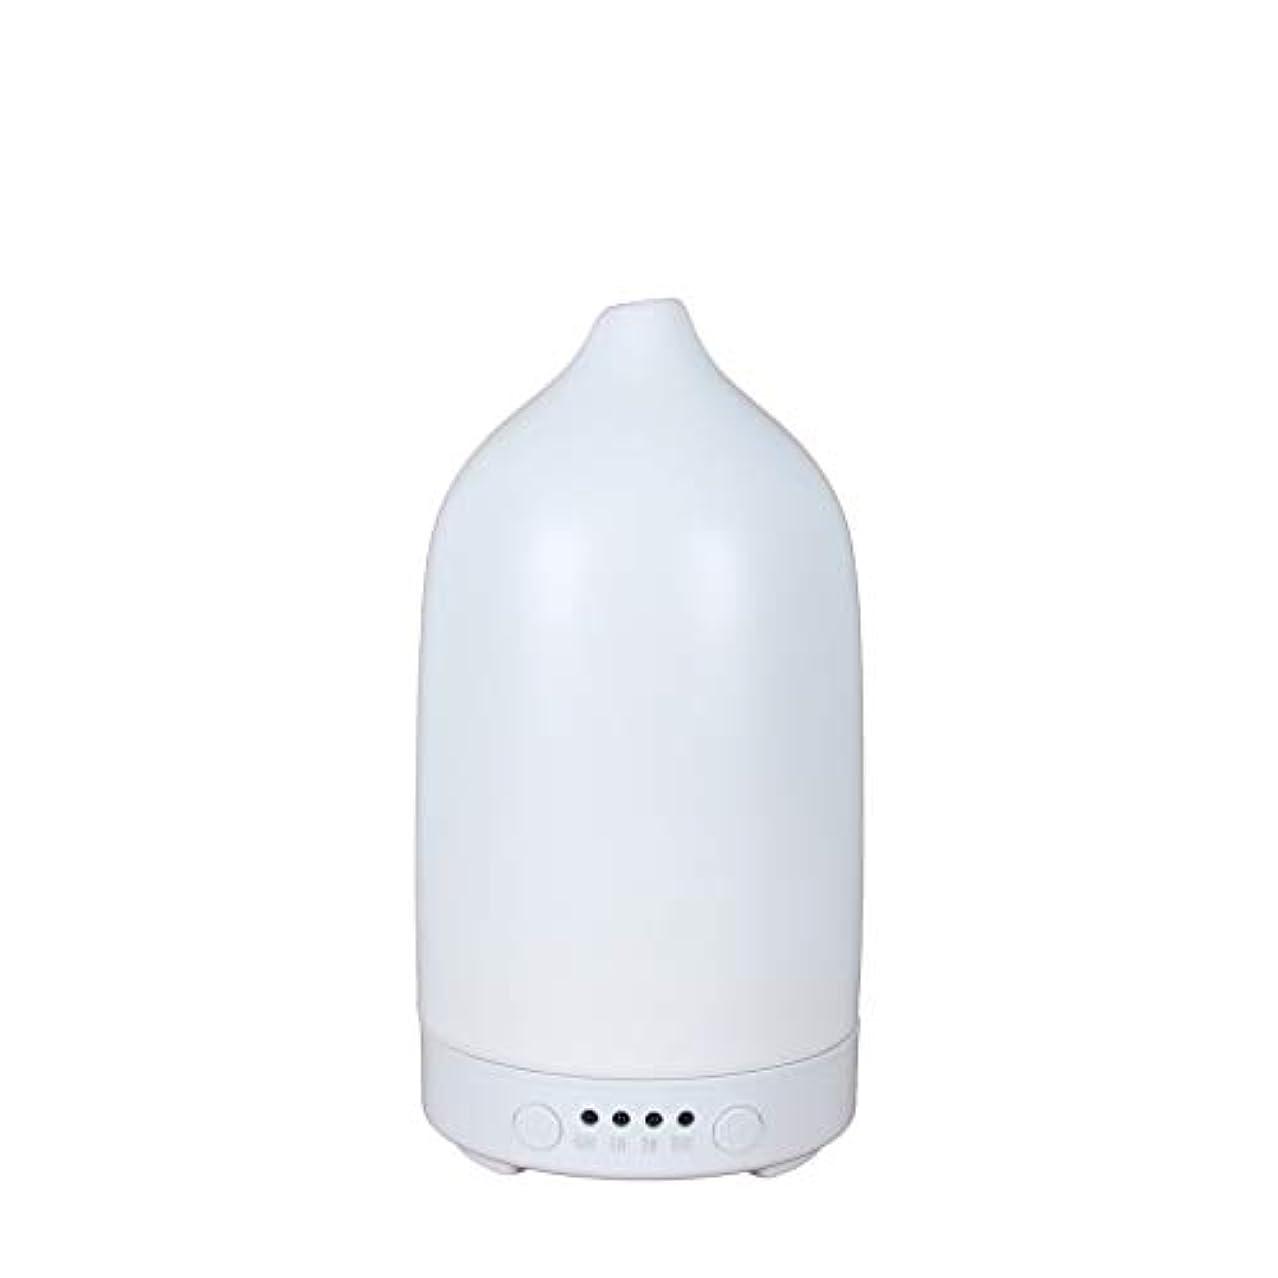 速度有益な無限大加湿器卓上USB型加湿器殺菌加湿エアーフレッシュナー落下水漏れ防止超音波式加湿器超音波式卓上型大容量超静音長時間連続運転乾燥対策調整可能なミストブロー消音 (A)